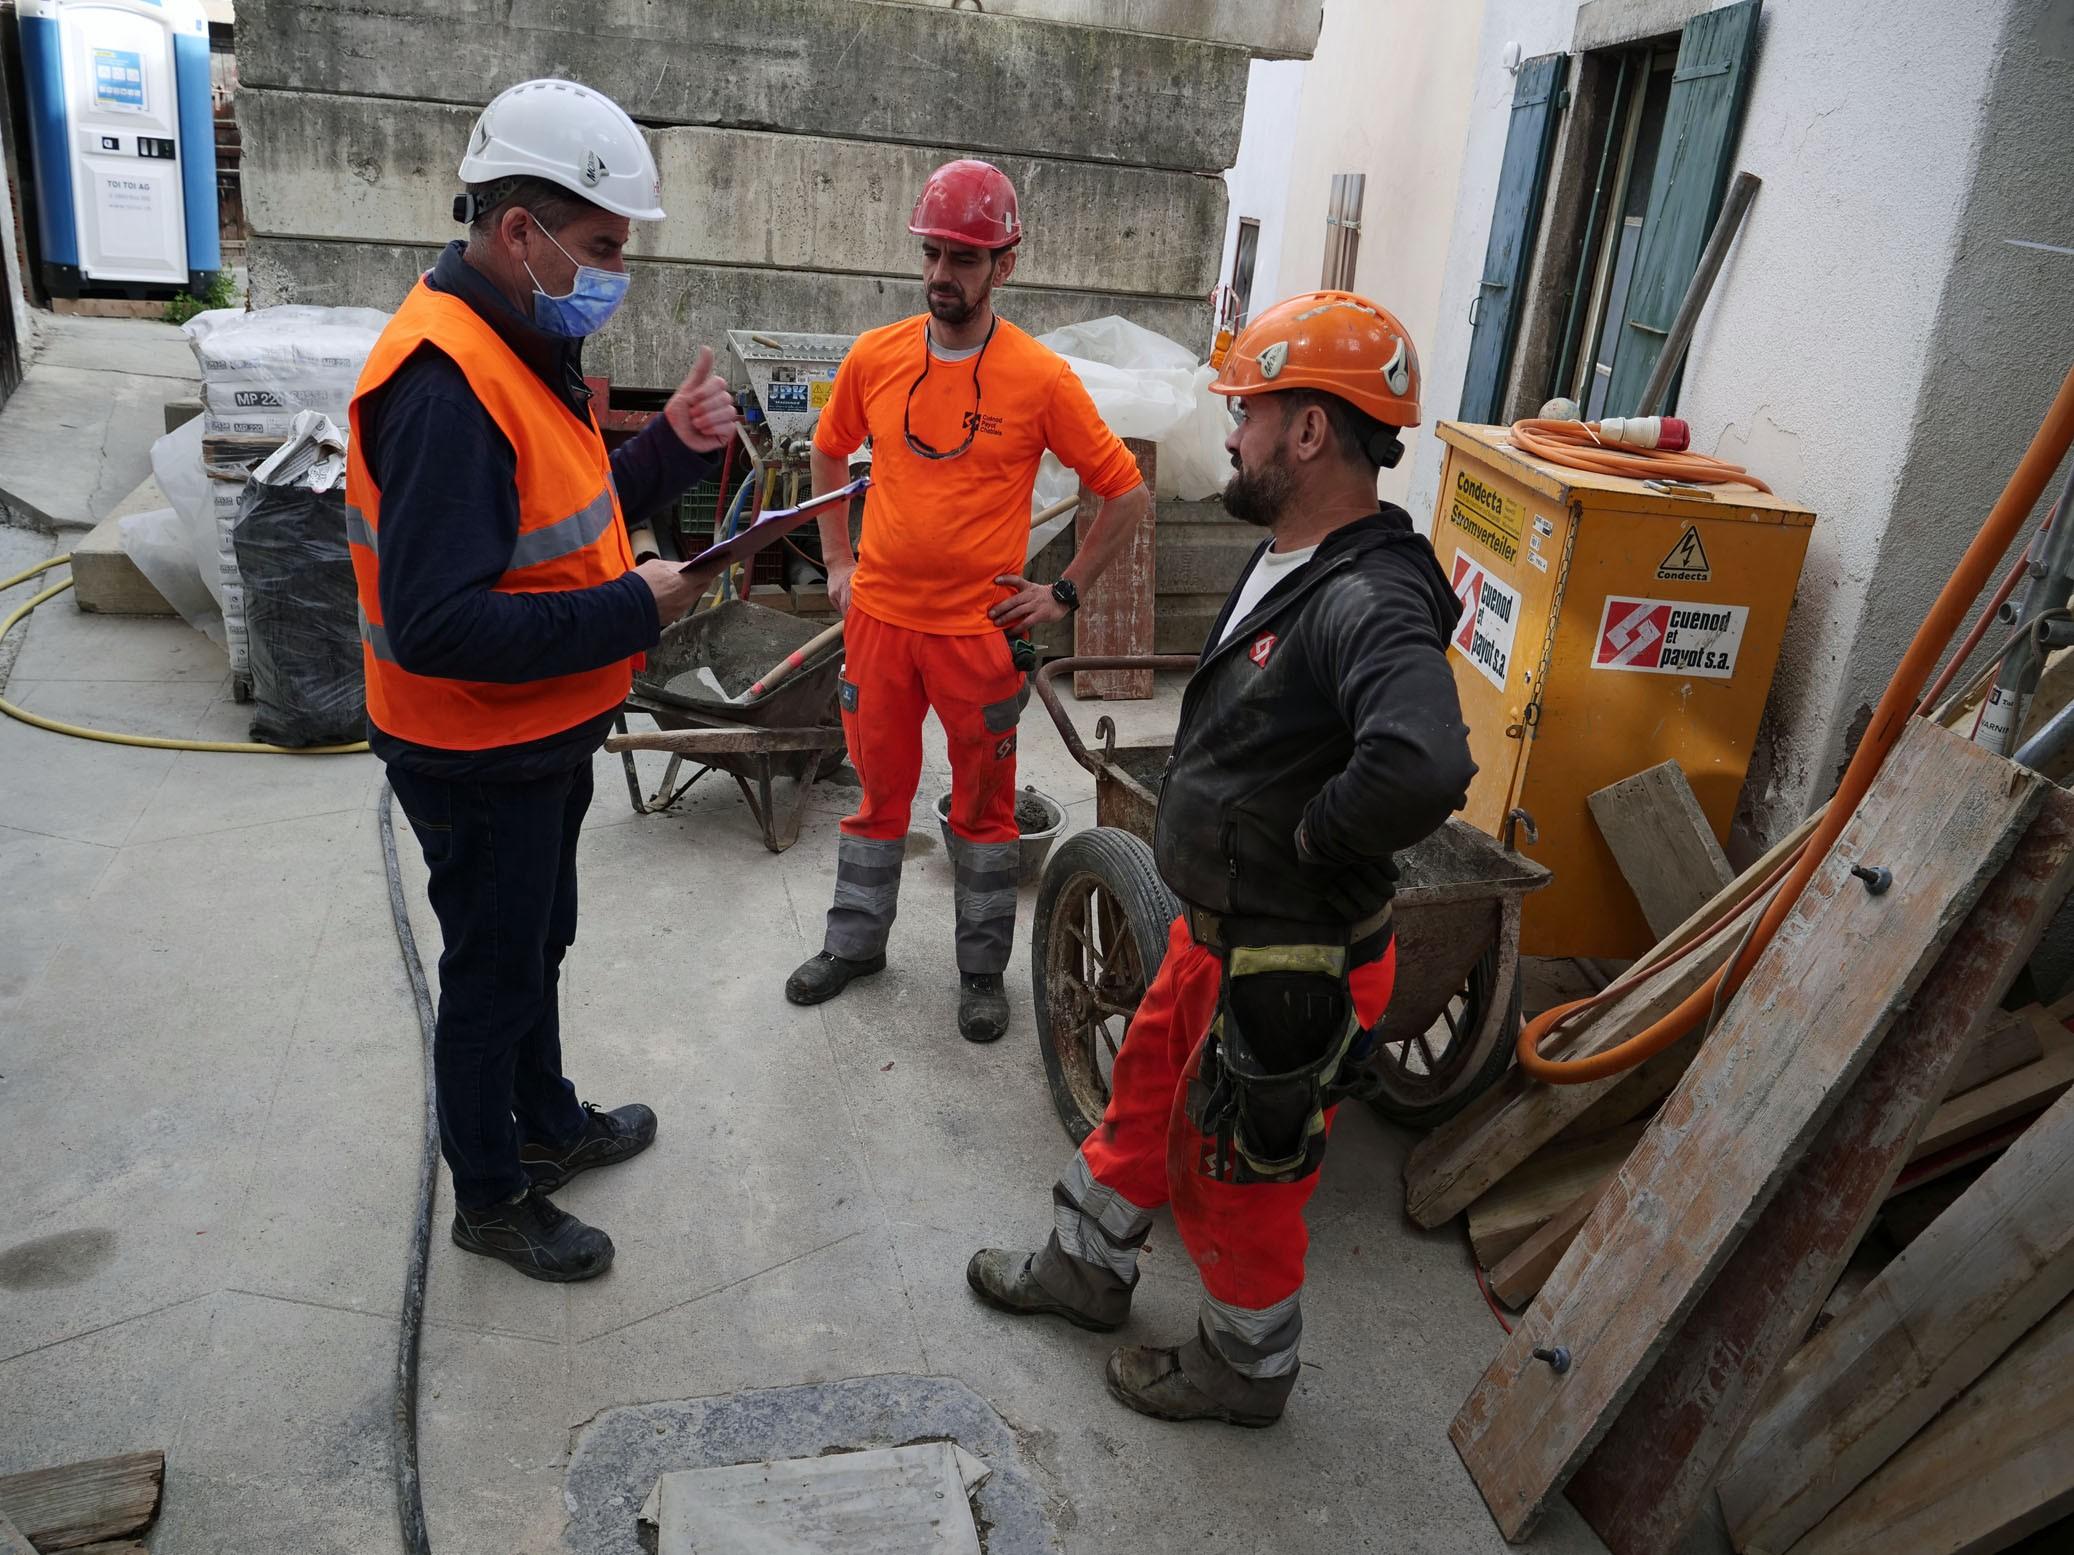 Sécurité sur les chantiers au temps du Covid: inspection